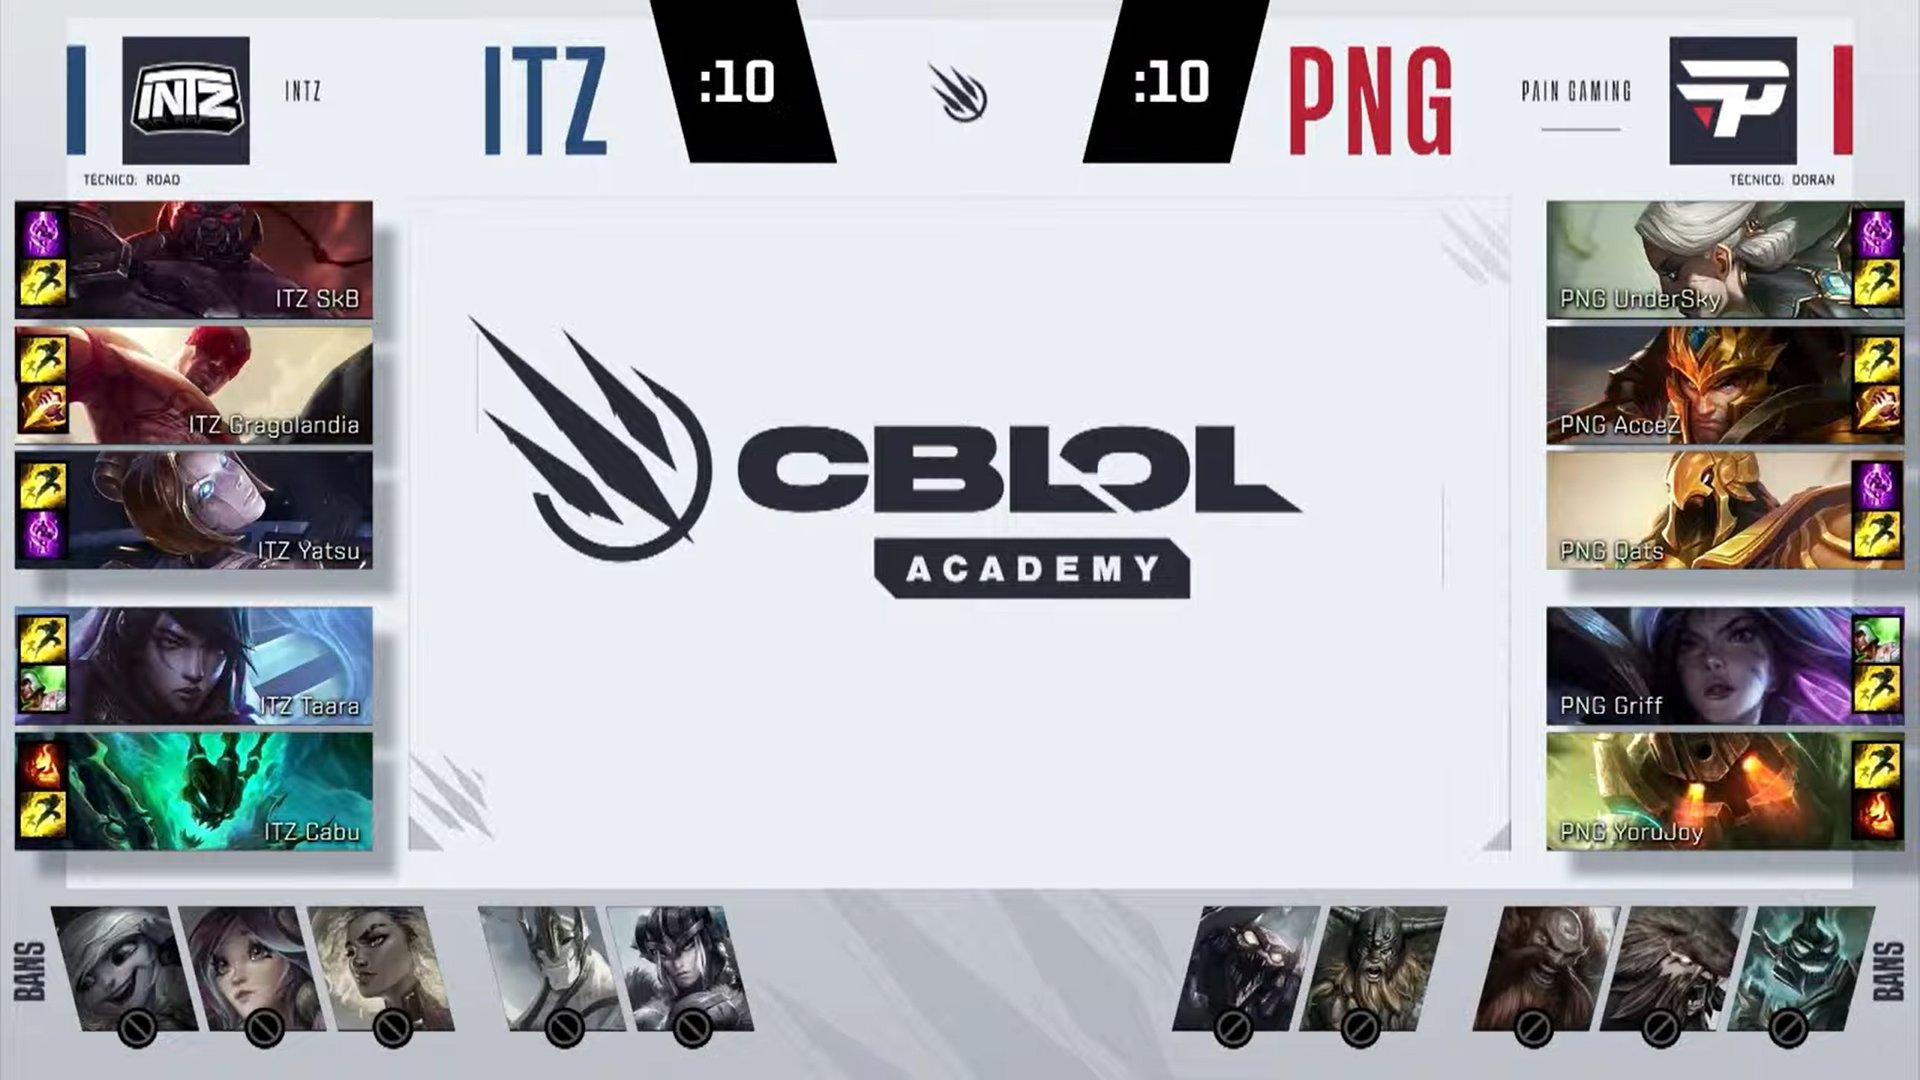 CBLOL Academy – Vorax engata sequência de três vitórias!